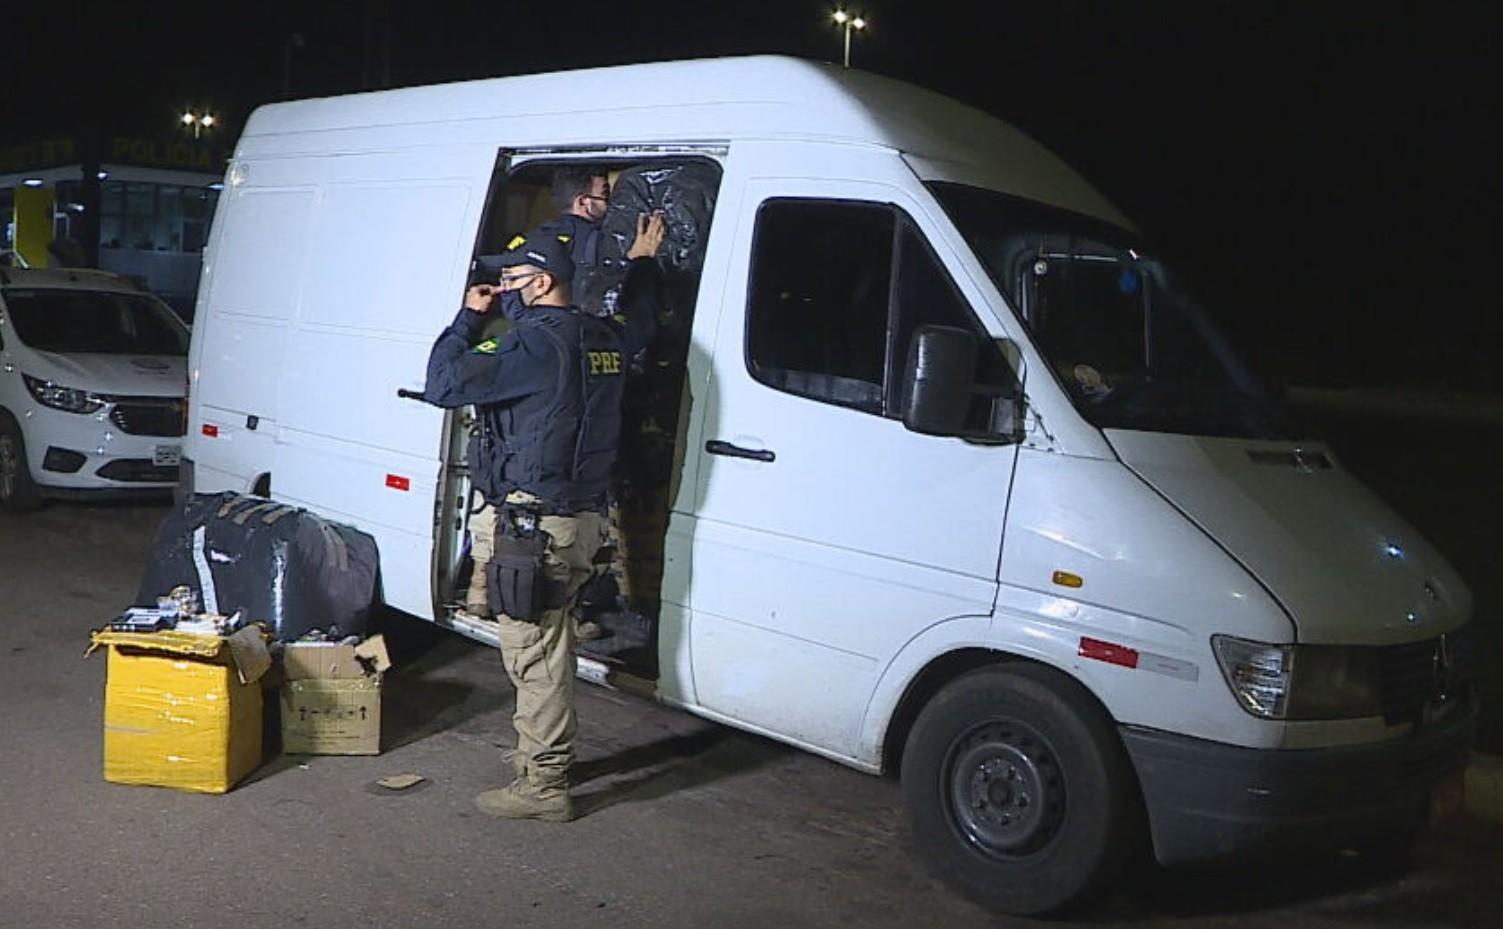 Motorista será investigado após transportar produtos com origem desconhecida em van irregular